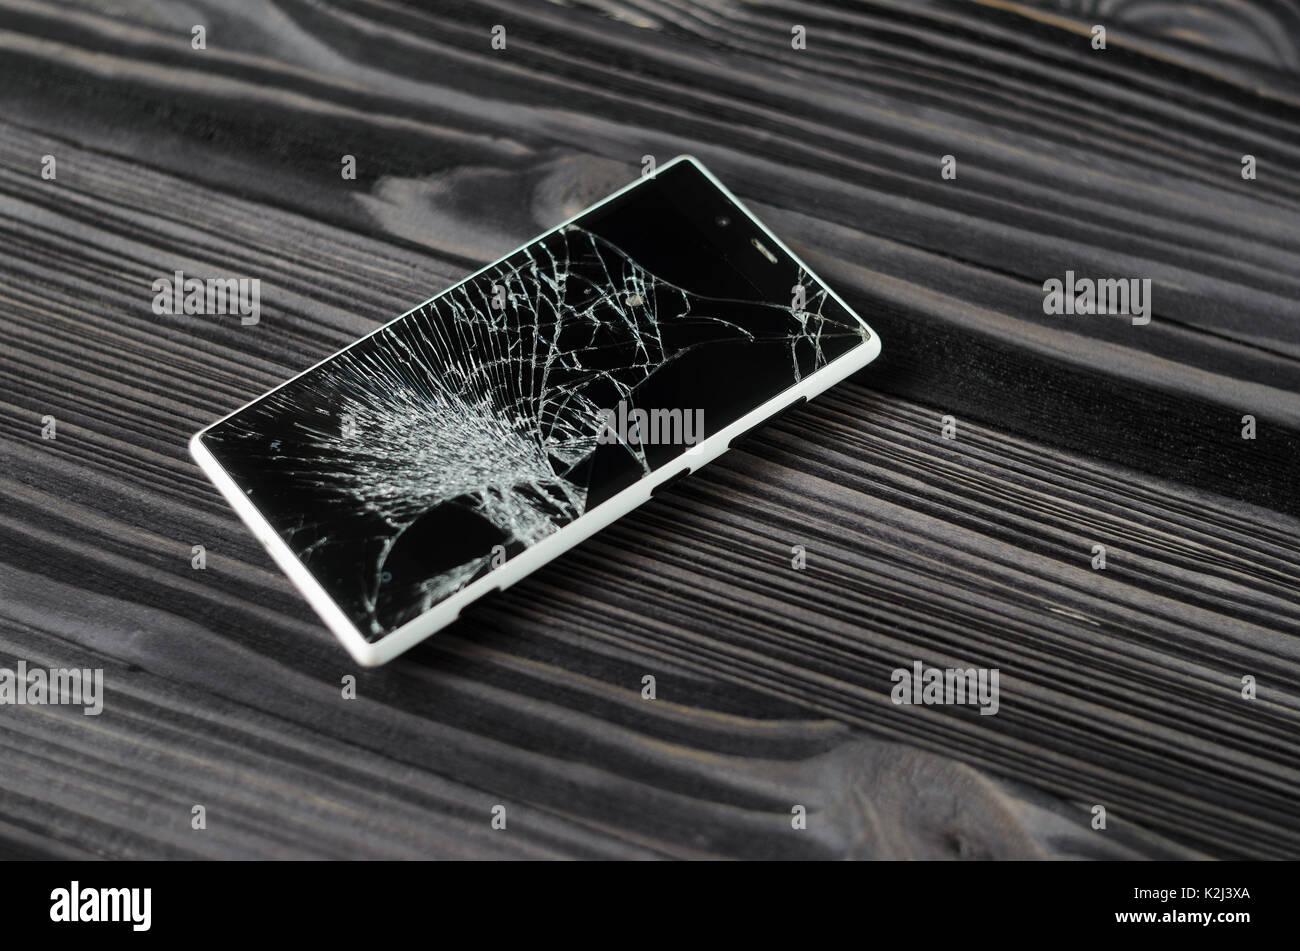 Smartphone Con Schermo Rotto Su Scuro Dello Sfondo In Legno Foto